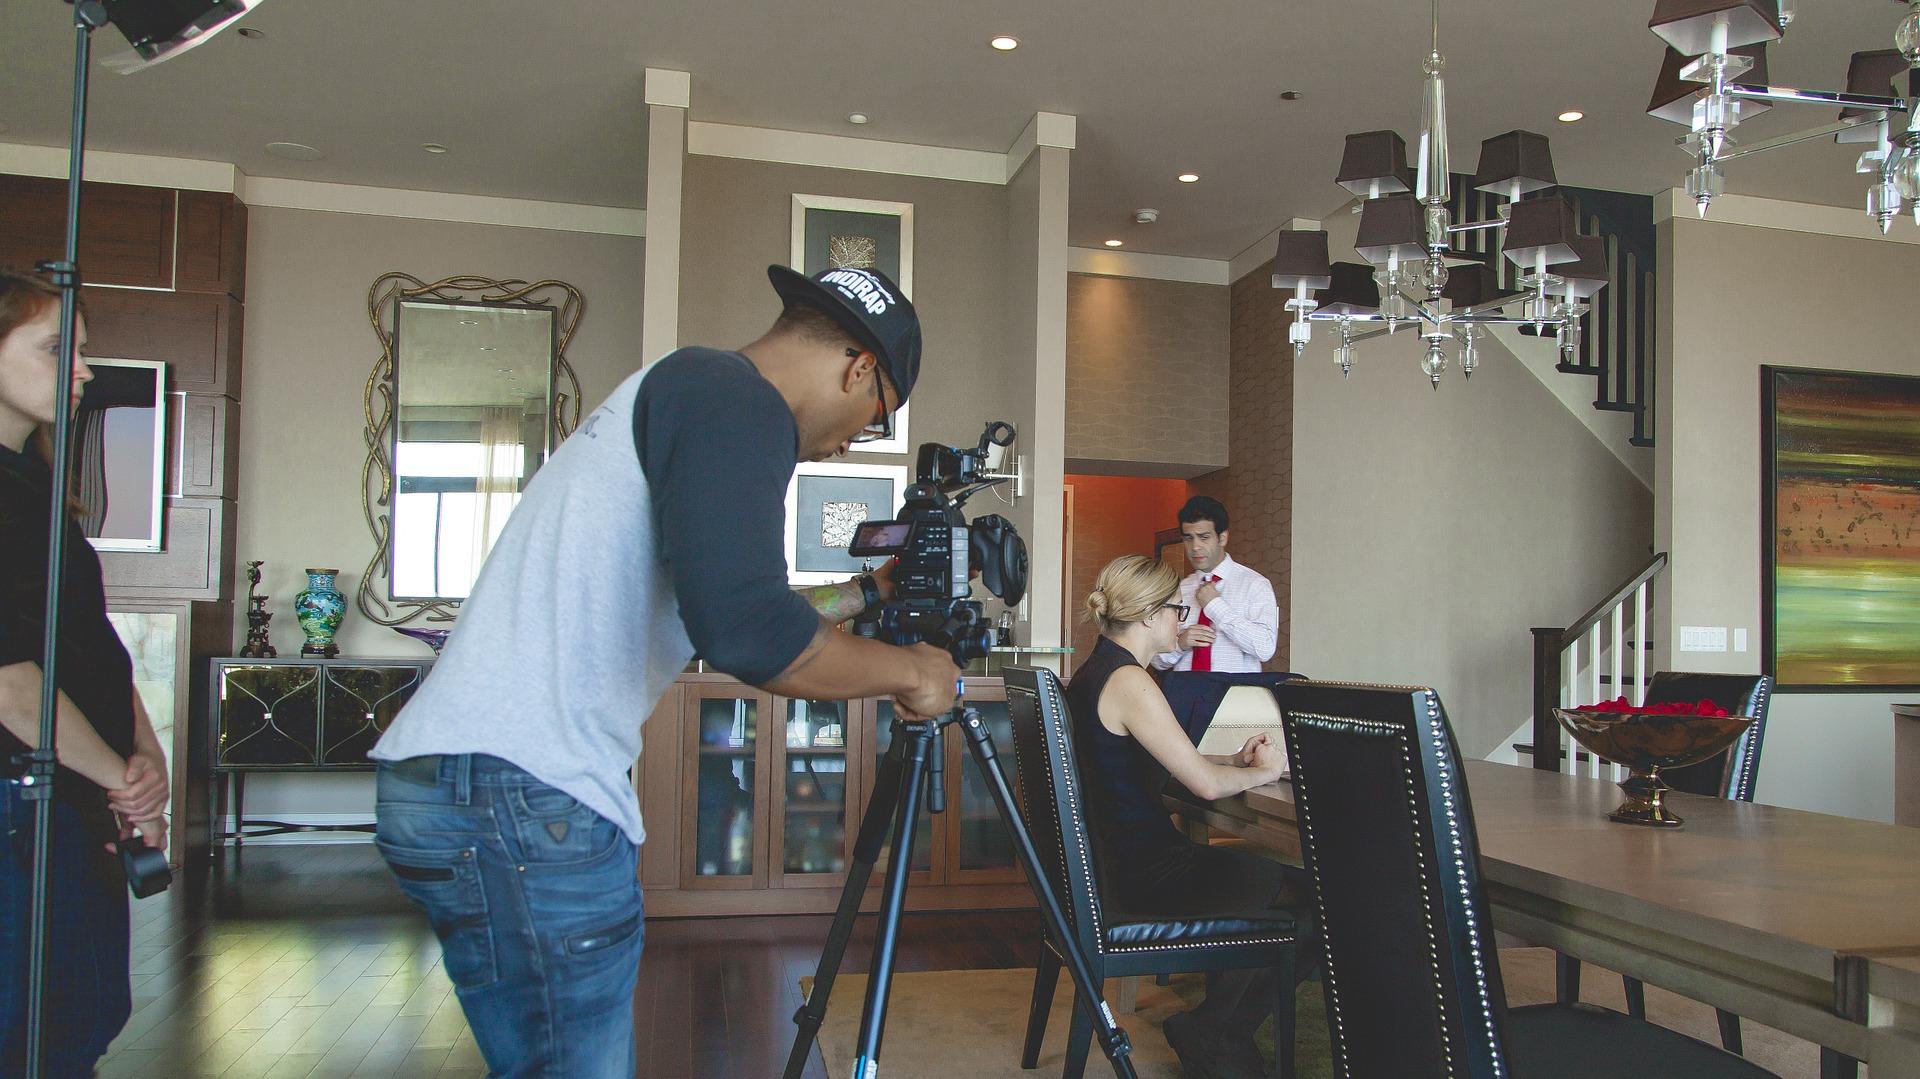 Filmset mit Schauspielern und Kameramann.